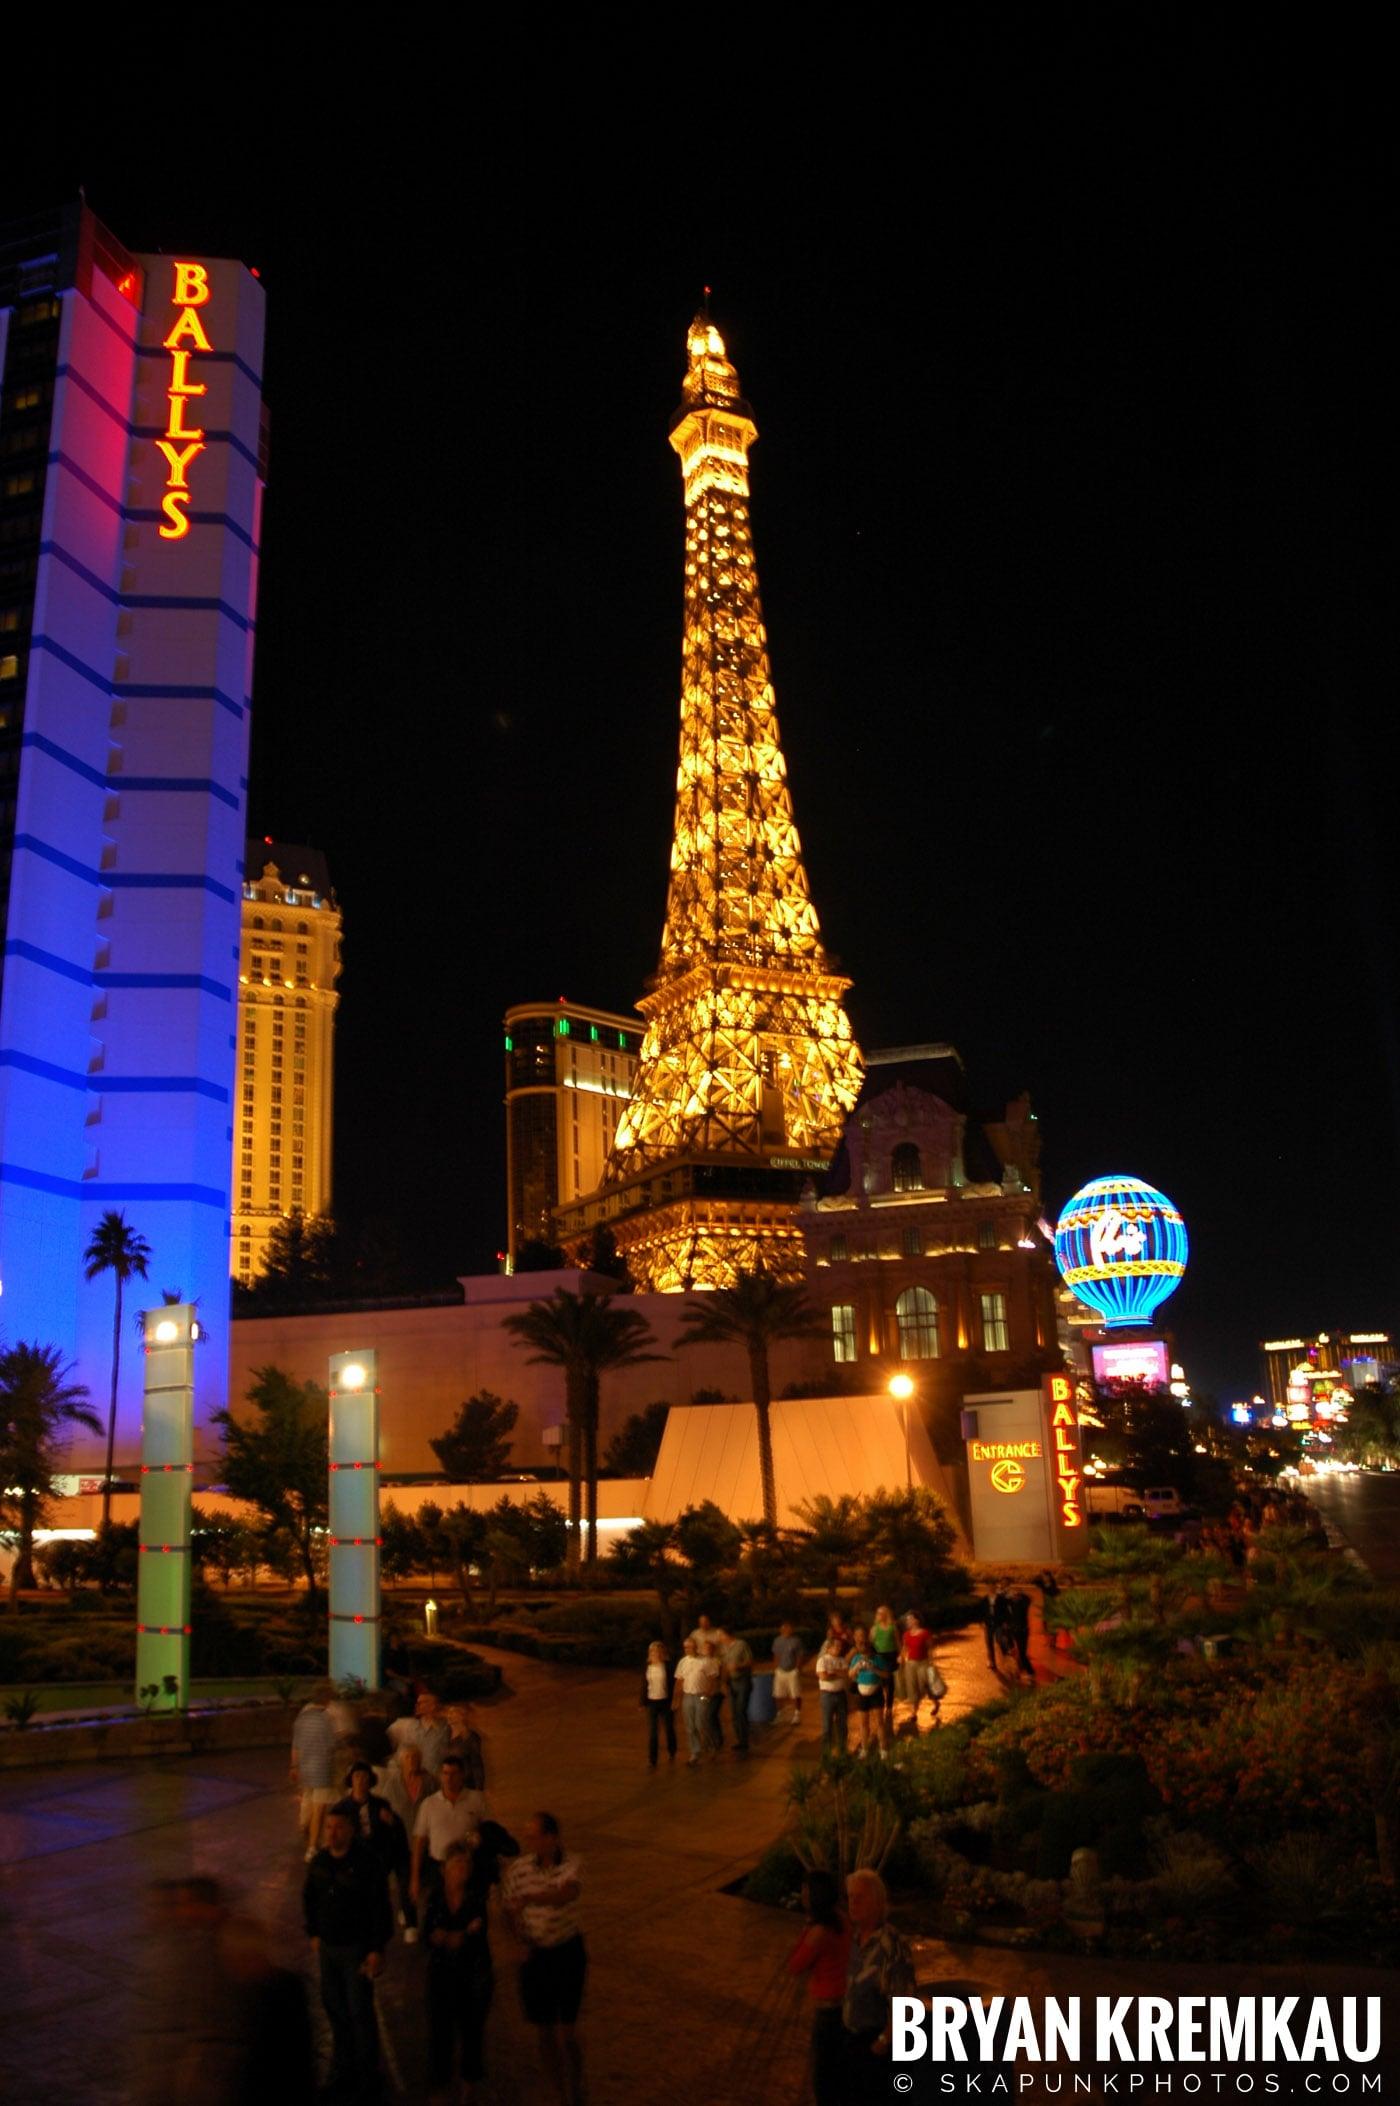 Las Vegas Vacation @ Las Vegas, NV - 10.21.05 - 10.23.05 (1)